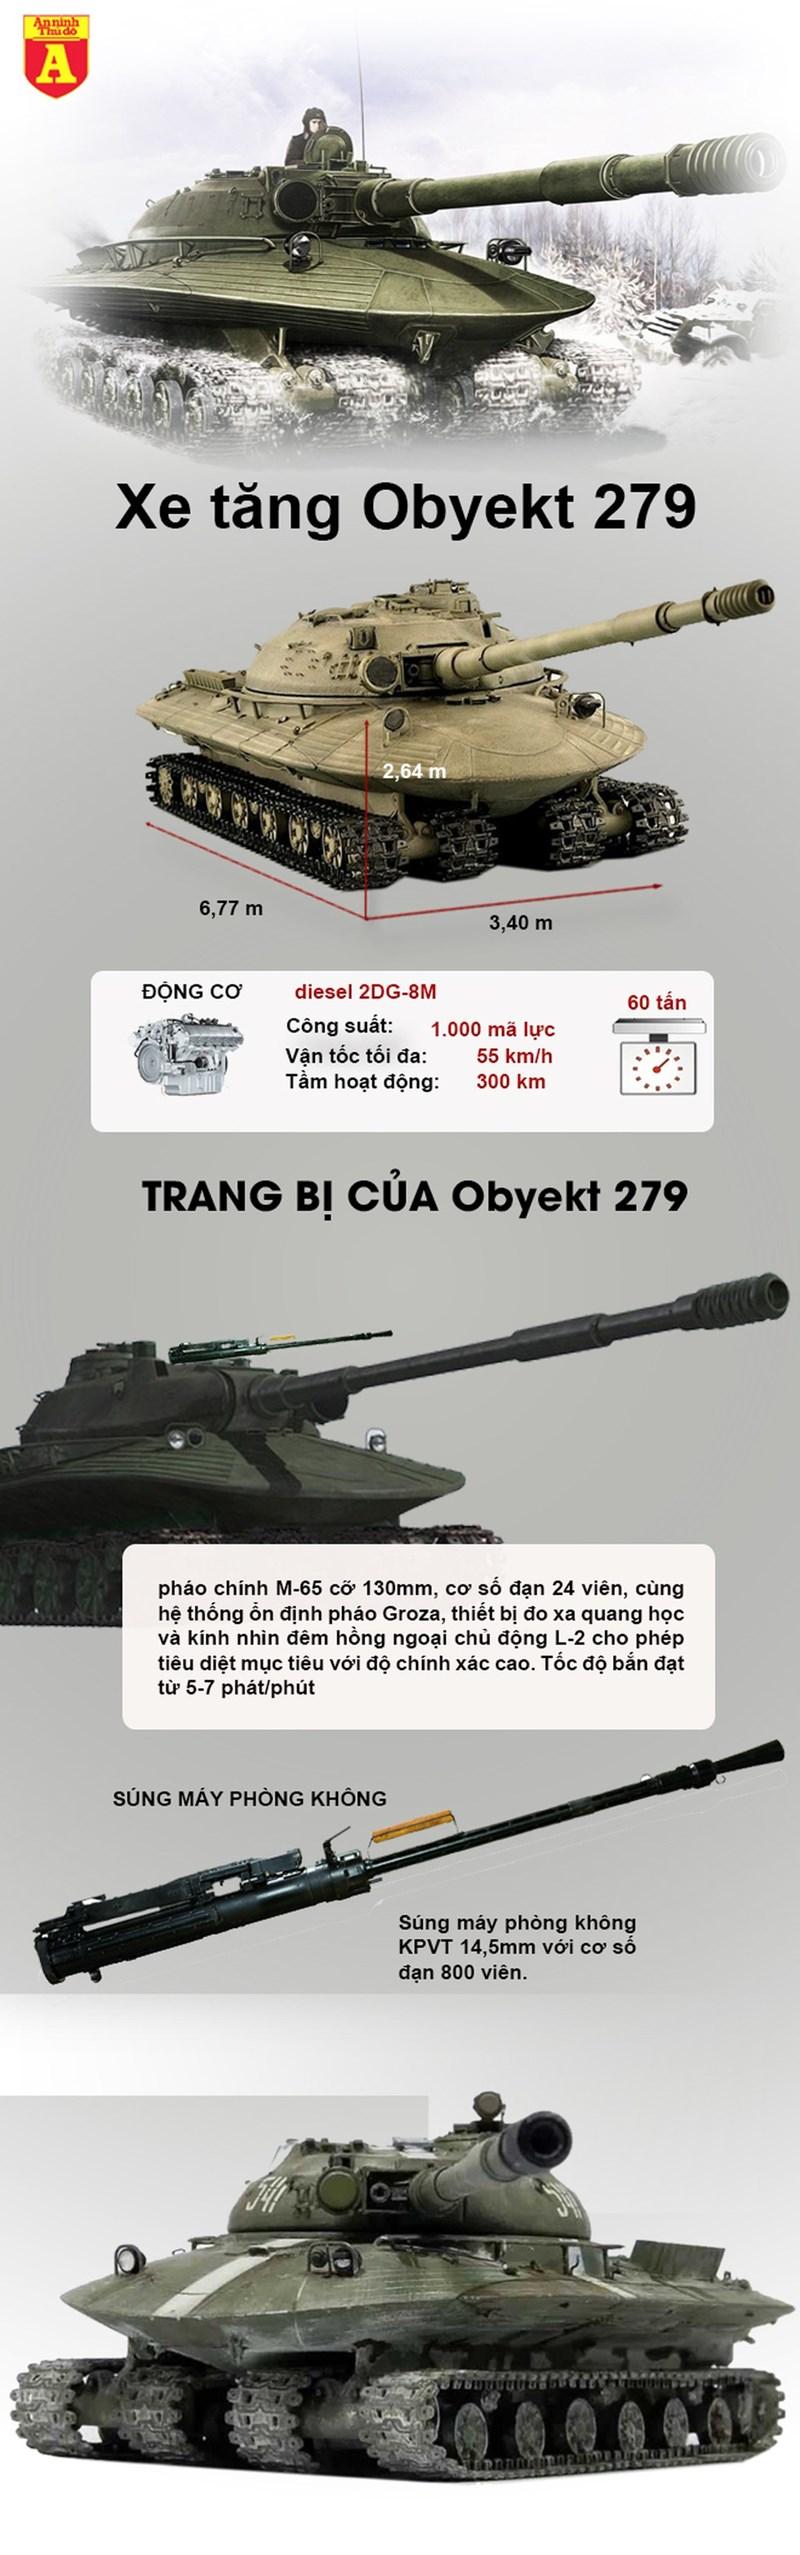 [Infographic] Nhìn lại siêu tăng chống chọi với vũ khí hạt nhân của Liên Xô - Ảnh 1